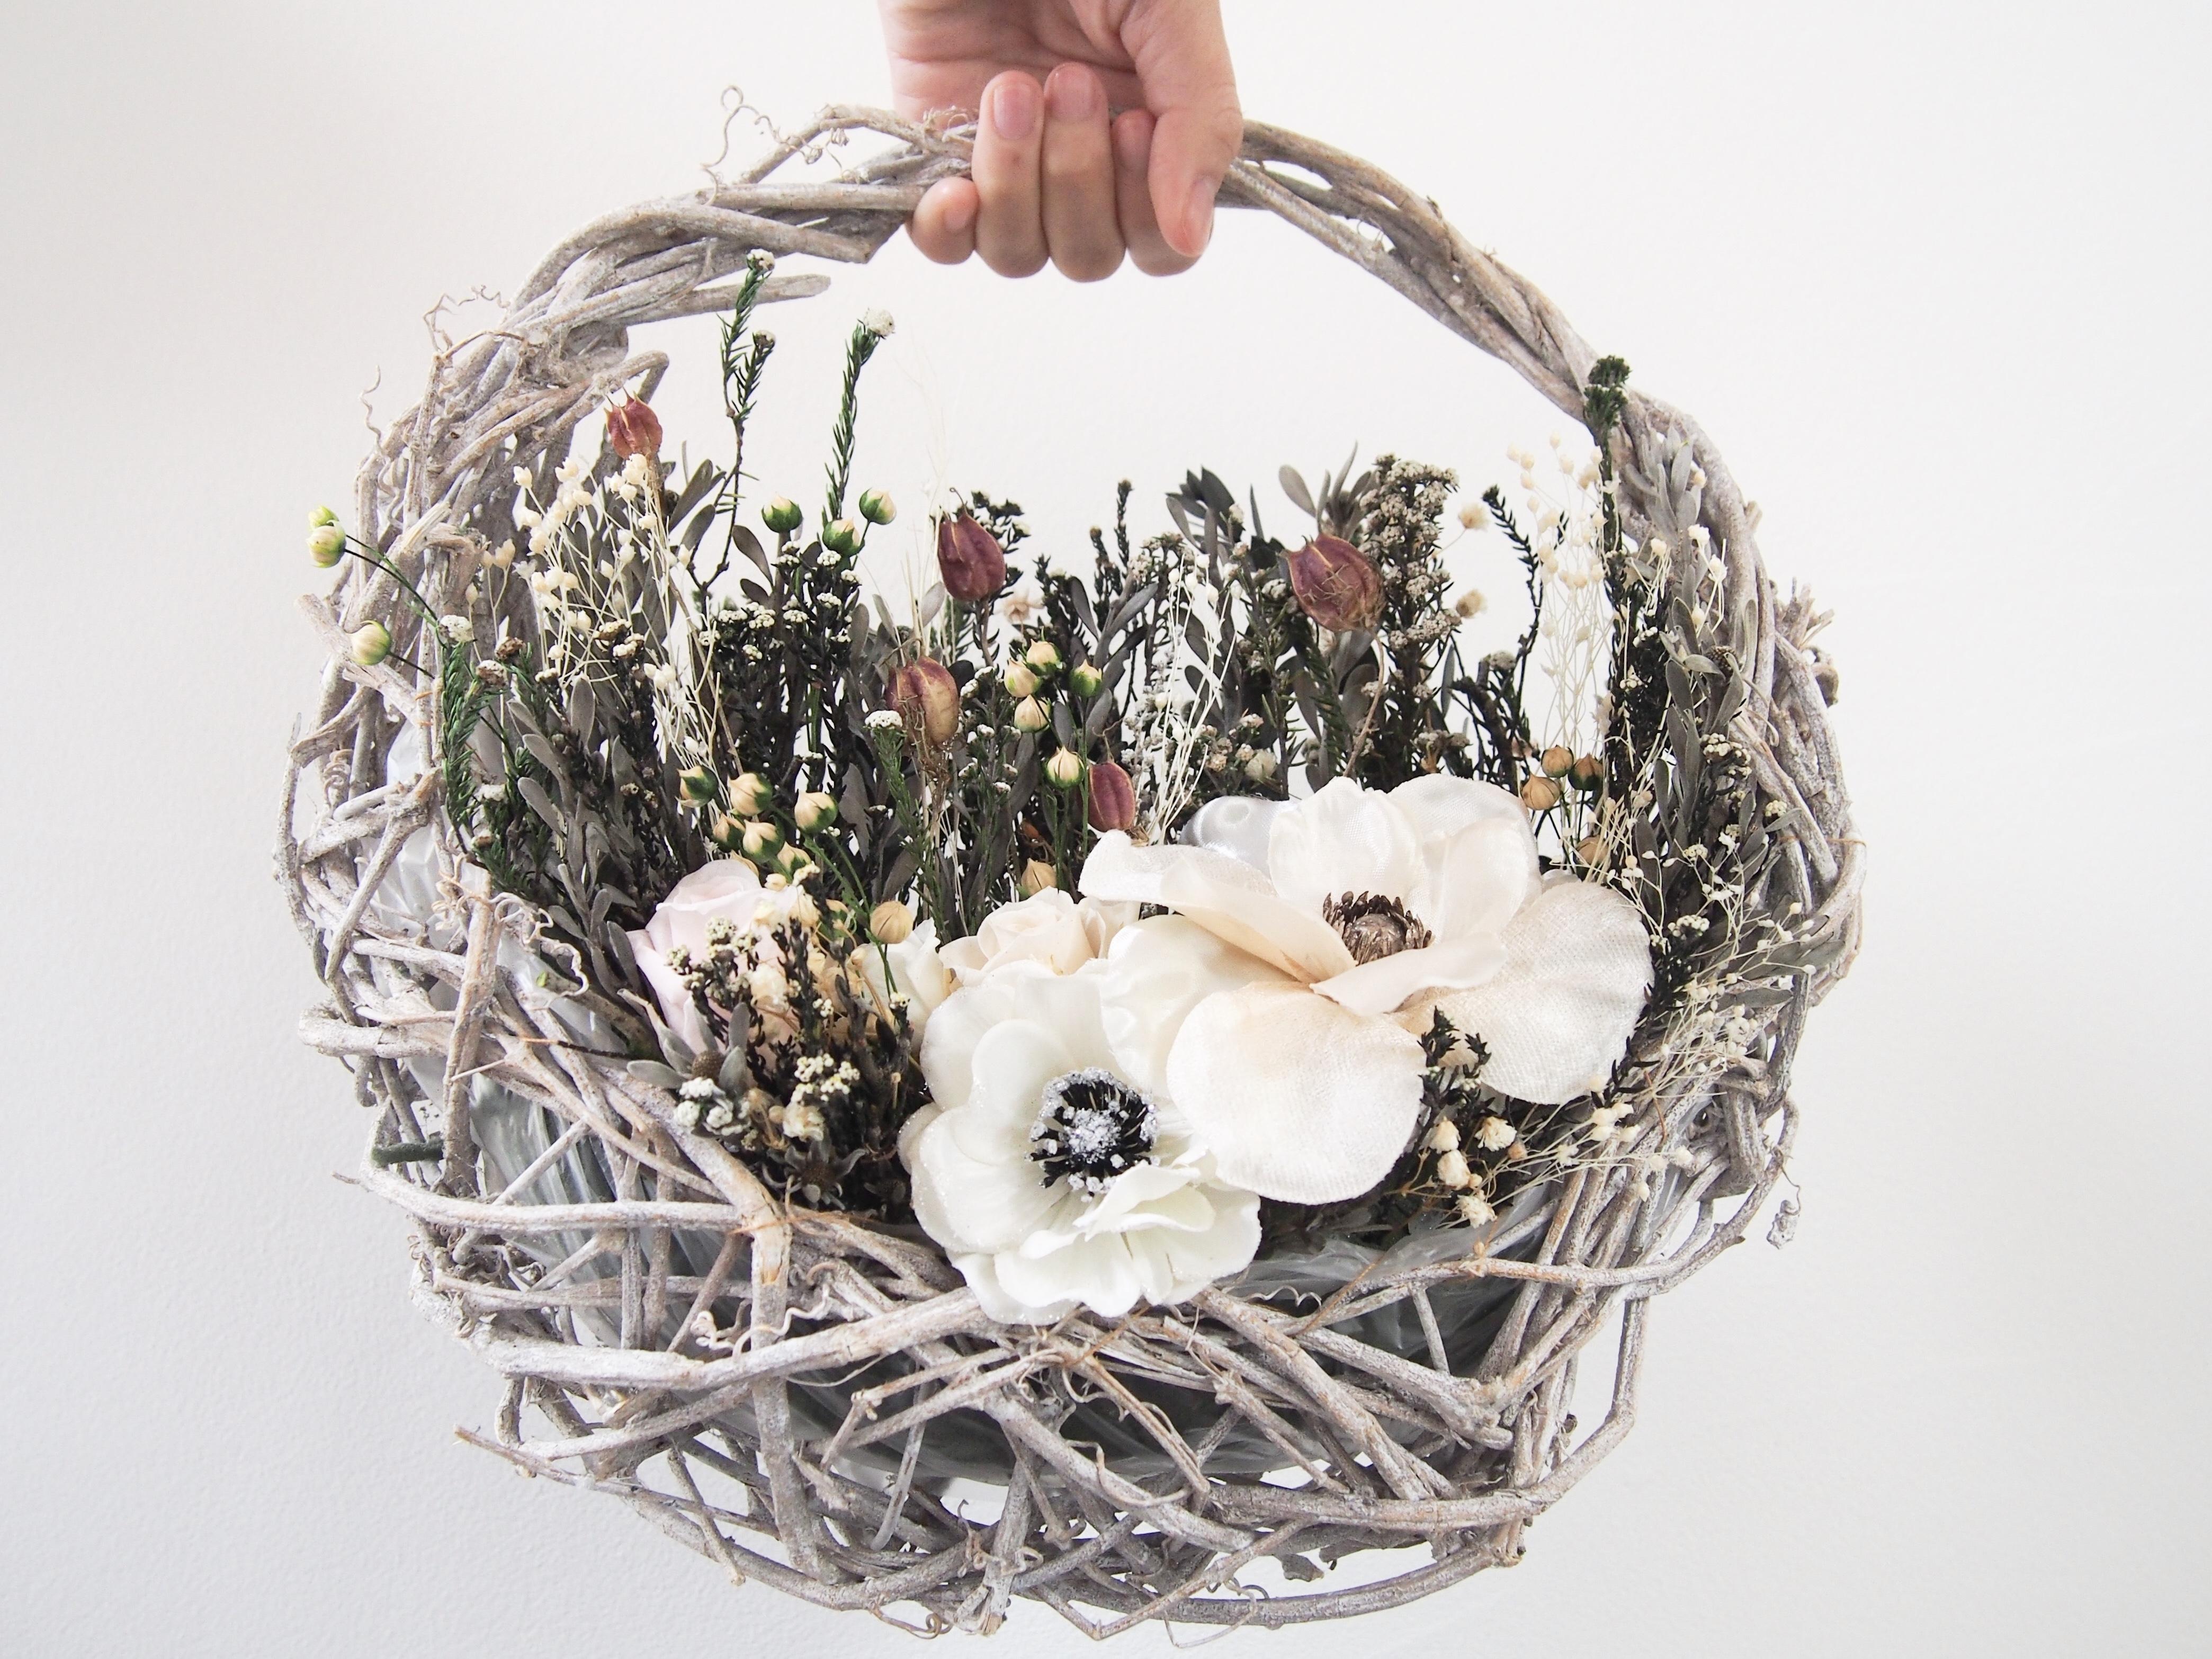 新作 ▶︎ 煌めき アネモネの 花摘み バスケット アレンジ リース ブーケ